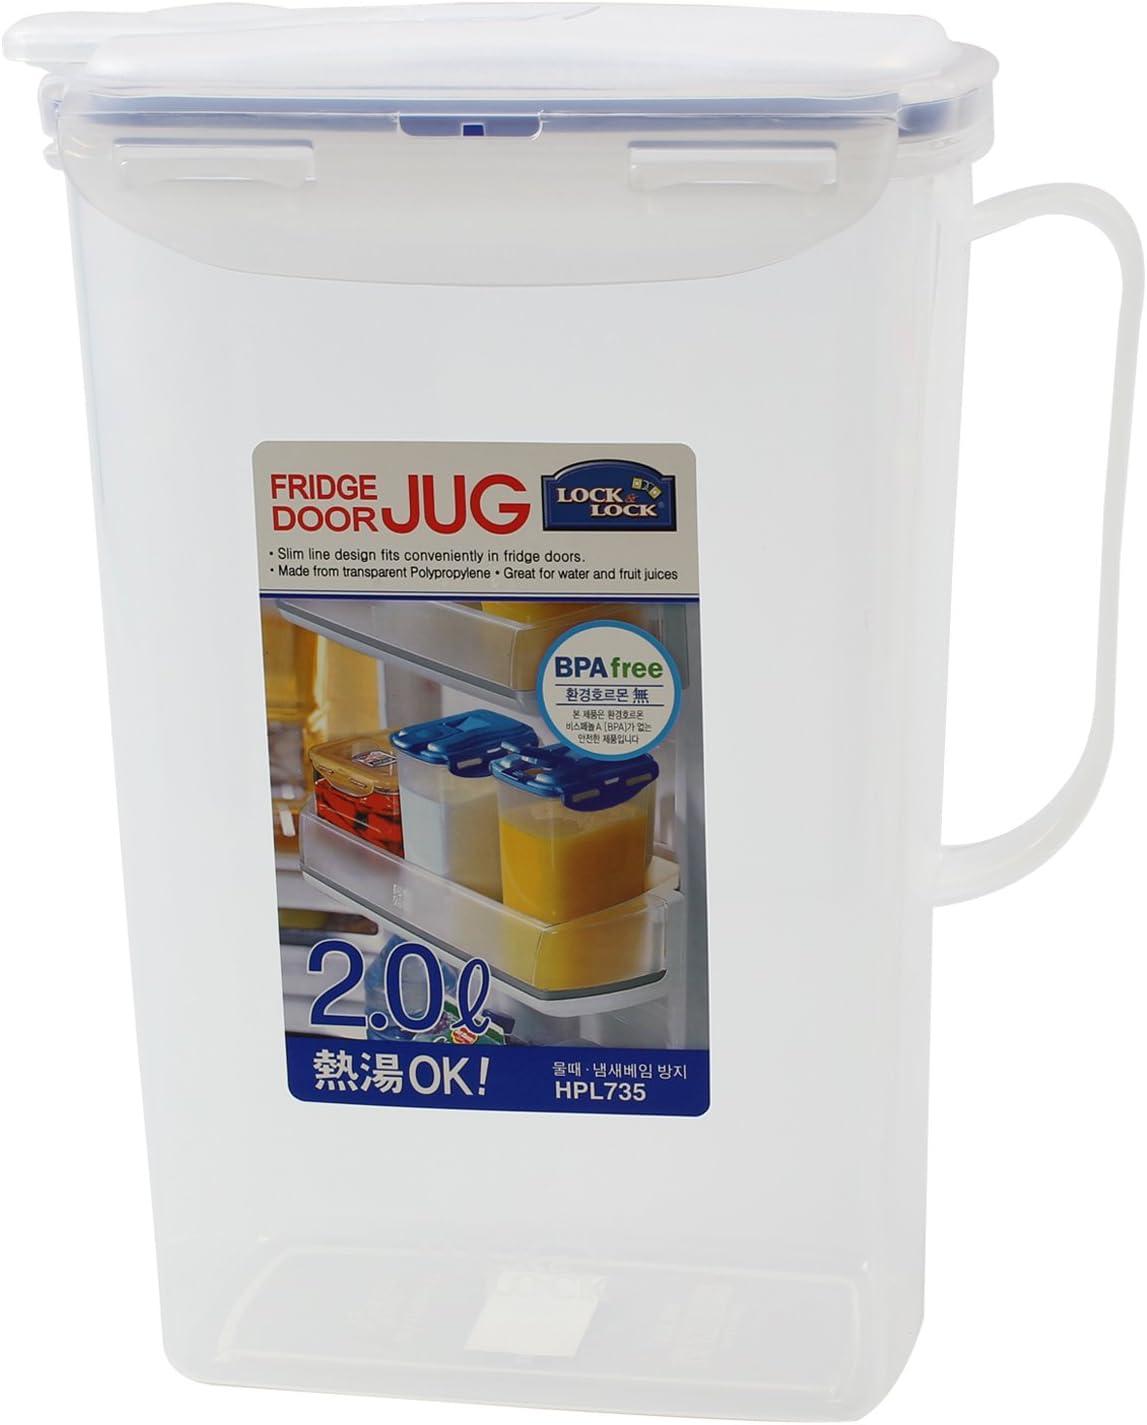 1.5 Litre Quality Plastic Fridge Door Jug With Lid For Water Juice Milk Drinks